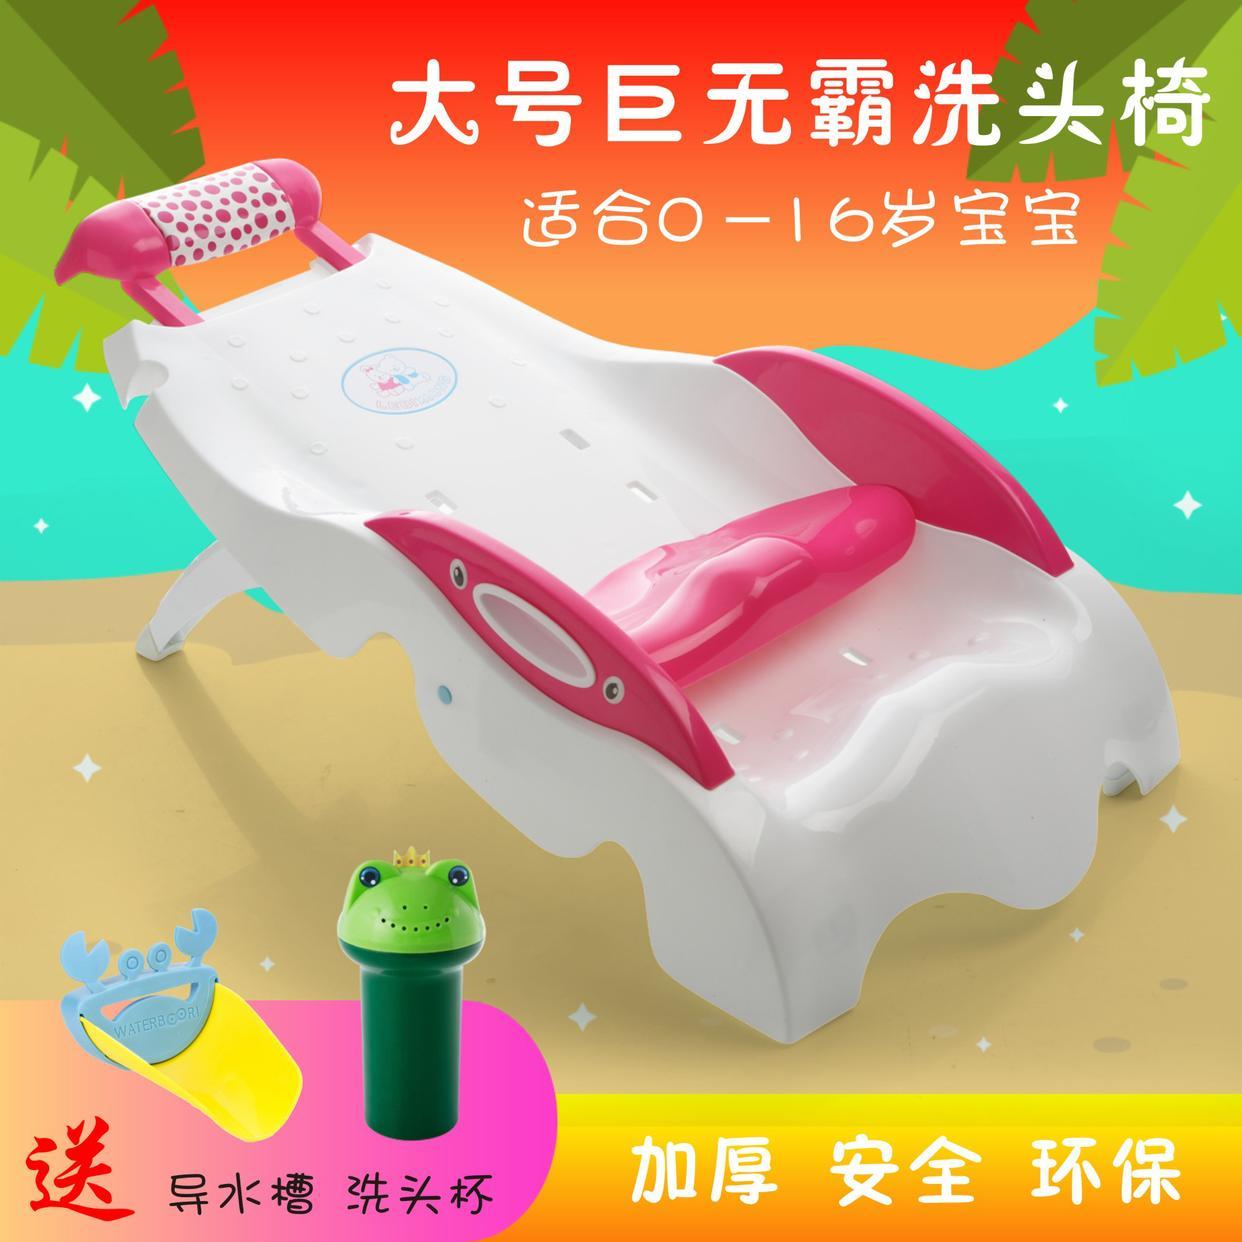 儿童洗头椅宝宝洗头躺床幼儿洗头椅小孩洗头床孕妇洗发躺椅可调节